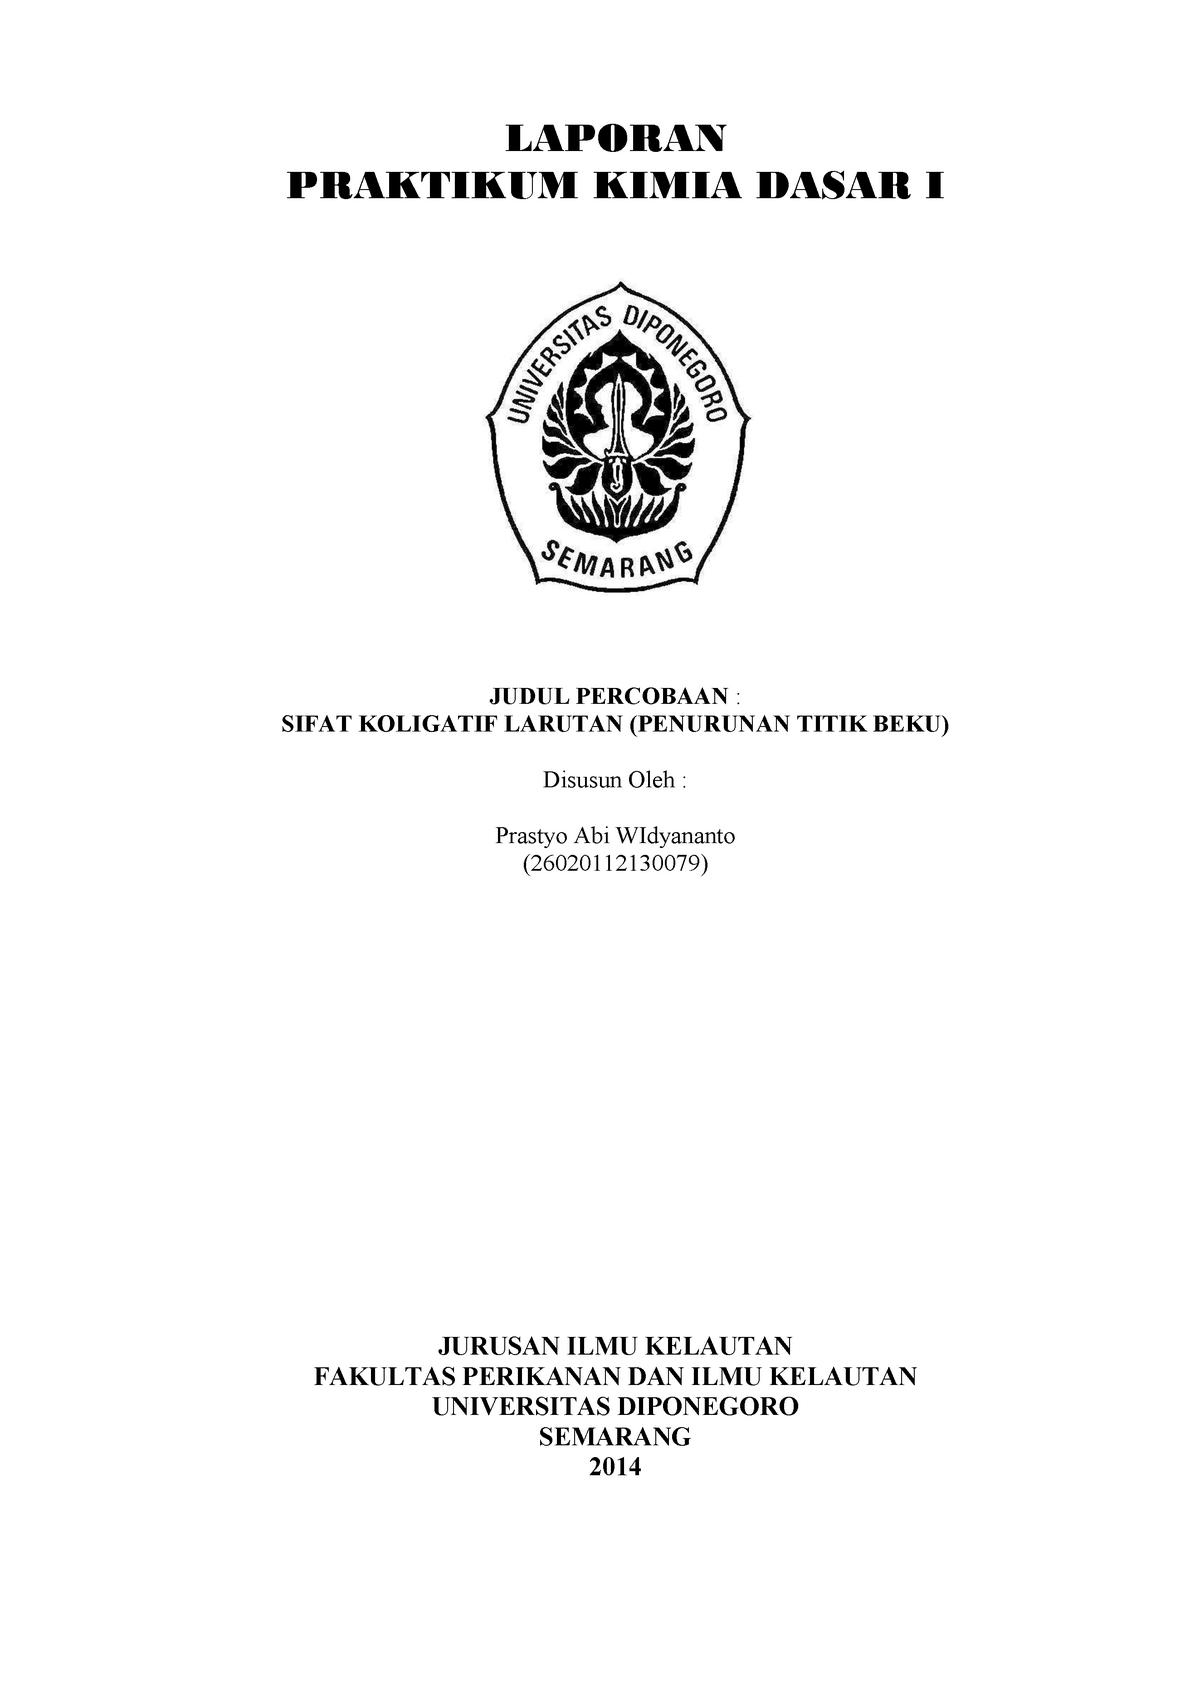 Laporan Praktikum Kimia Dasar Percobaan Iii Sifat Koligatif Larutan Penurunan Titik Beku Laporan Praktikum Kimia Dasar Judul Percobaan Sifat Koligatif Larutan Studocu